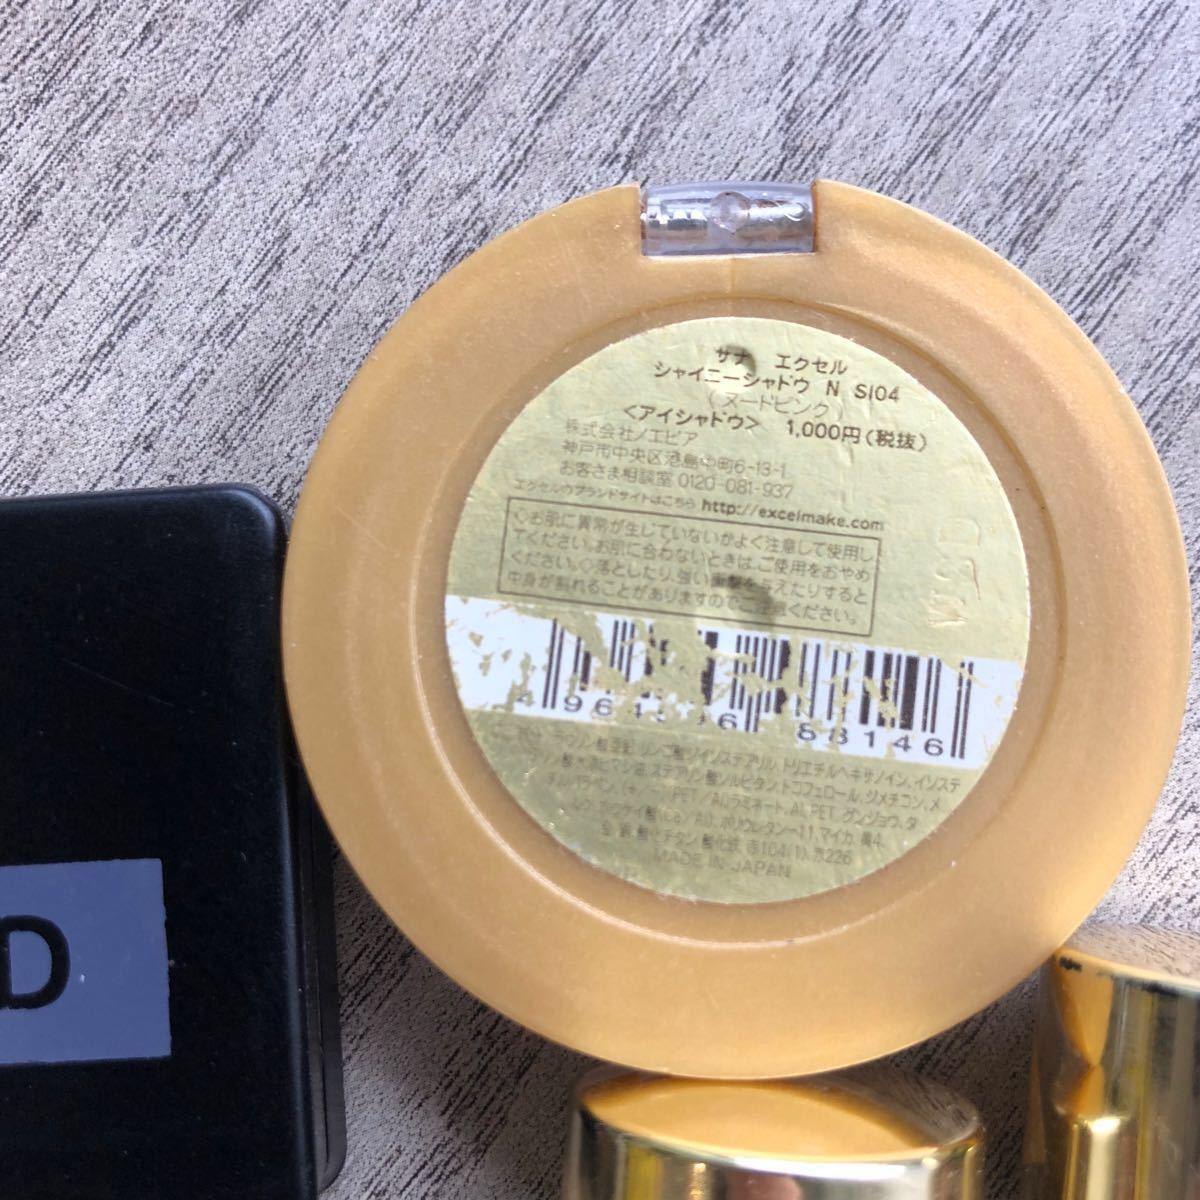 韓国コスメ ドラストコスメ アイシャドウ まとめ売り 24個セット